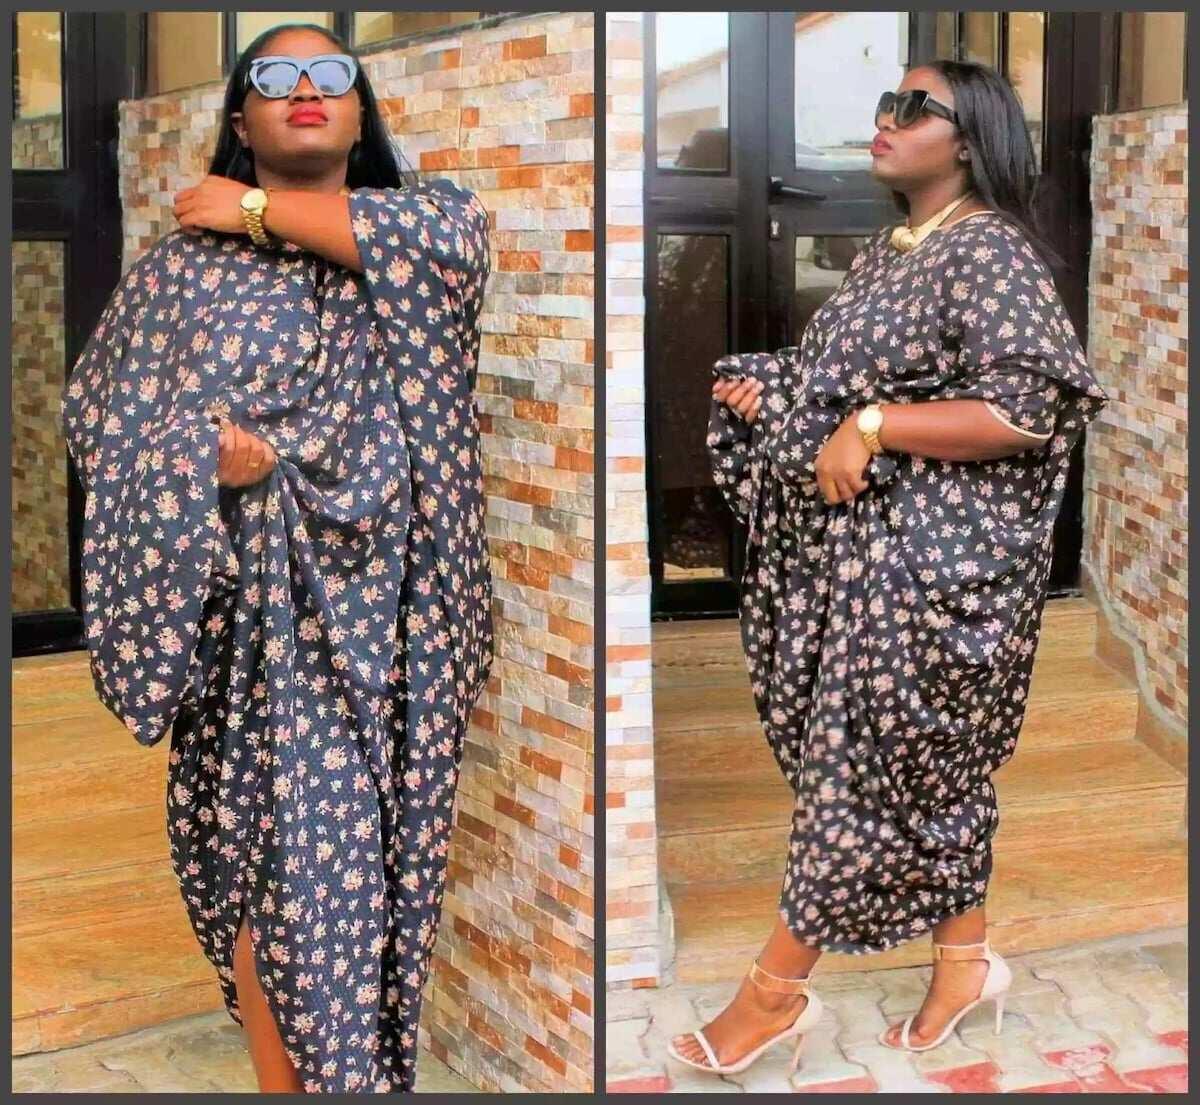 latest ankara maternity styles, ankara styles for pregnant mothers, ankara styles for pregnancy